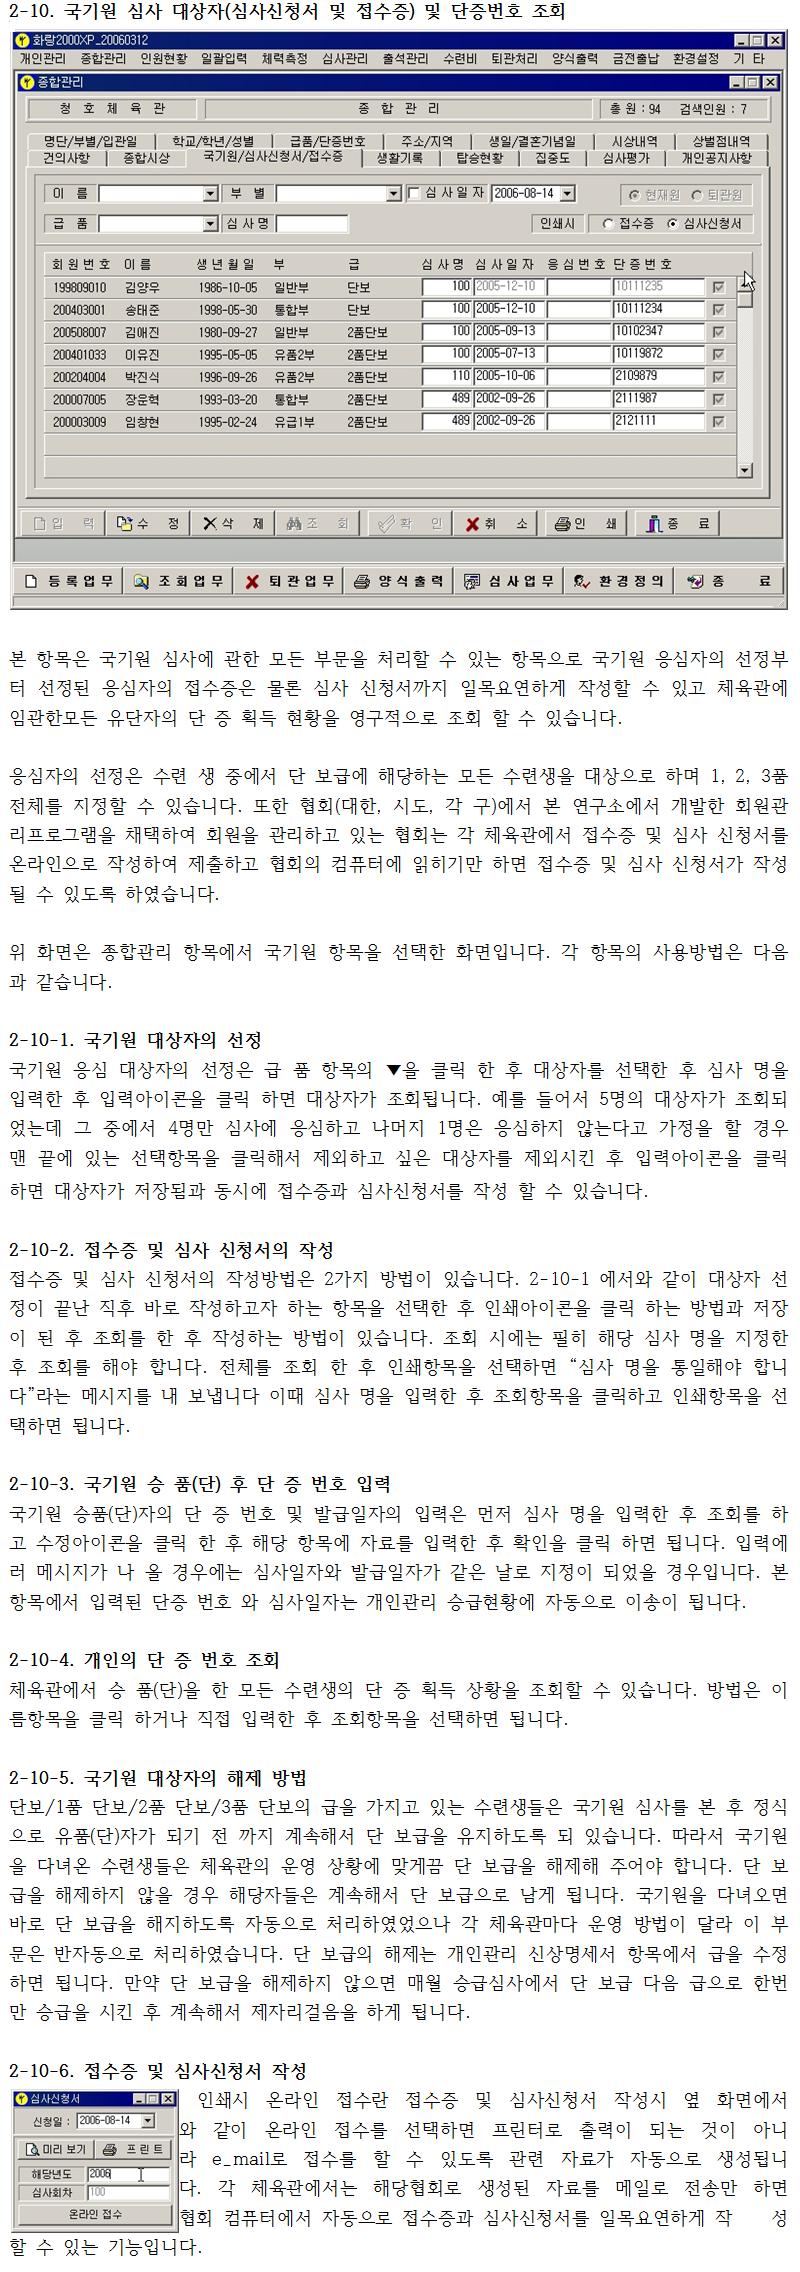 _종합_2-10_국기원심사대상자(심사신청서및접수증)및단증번호조회.png